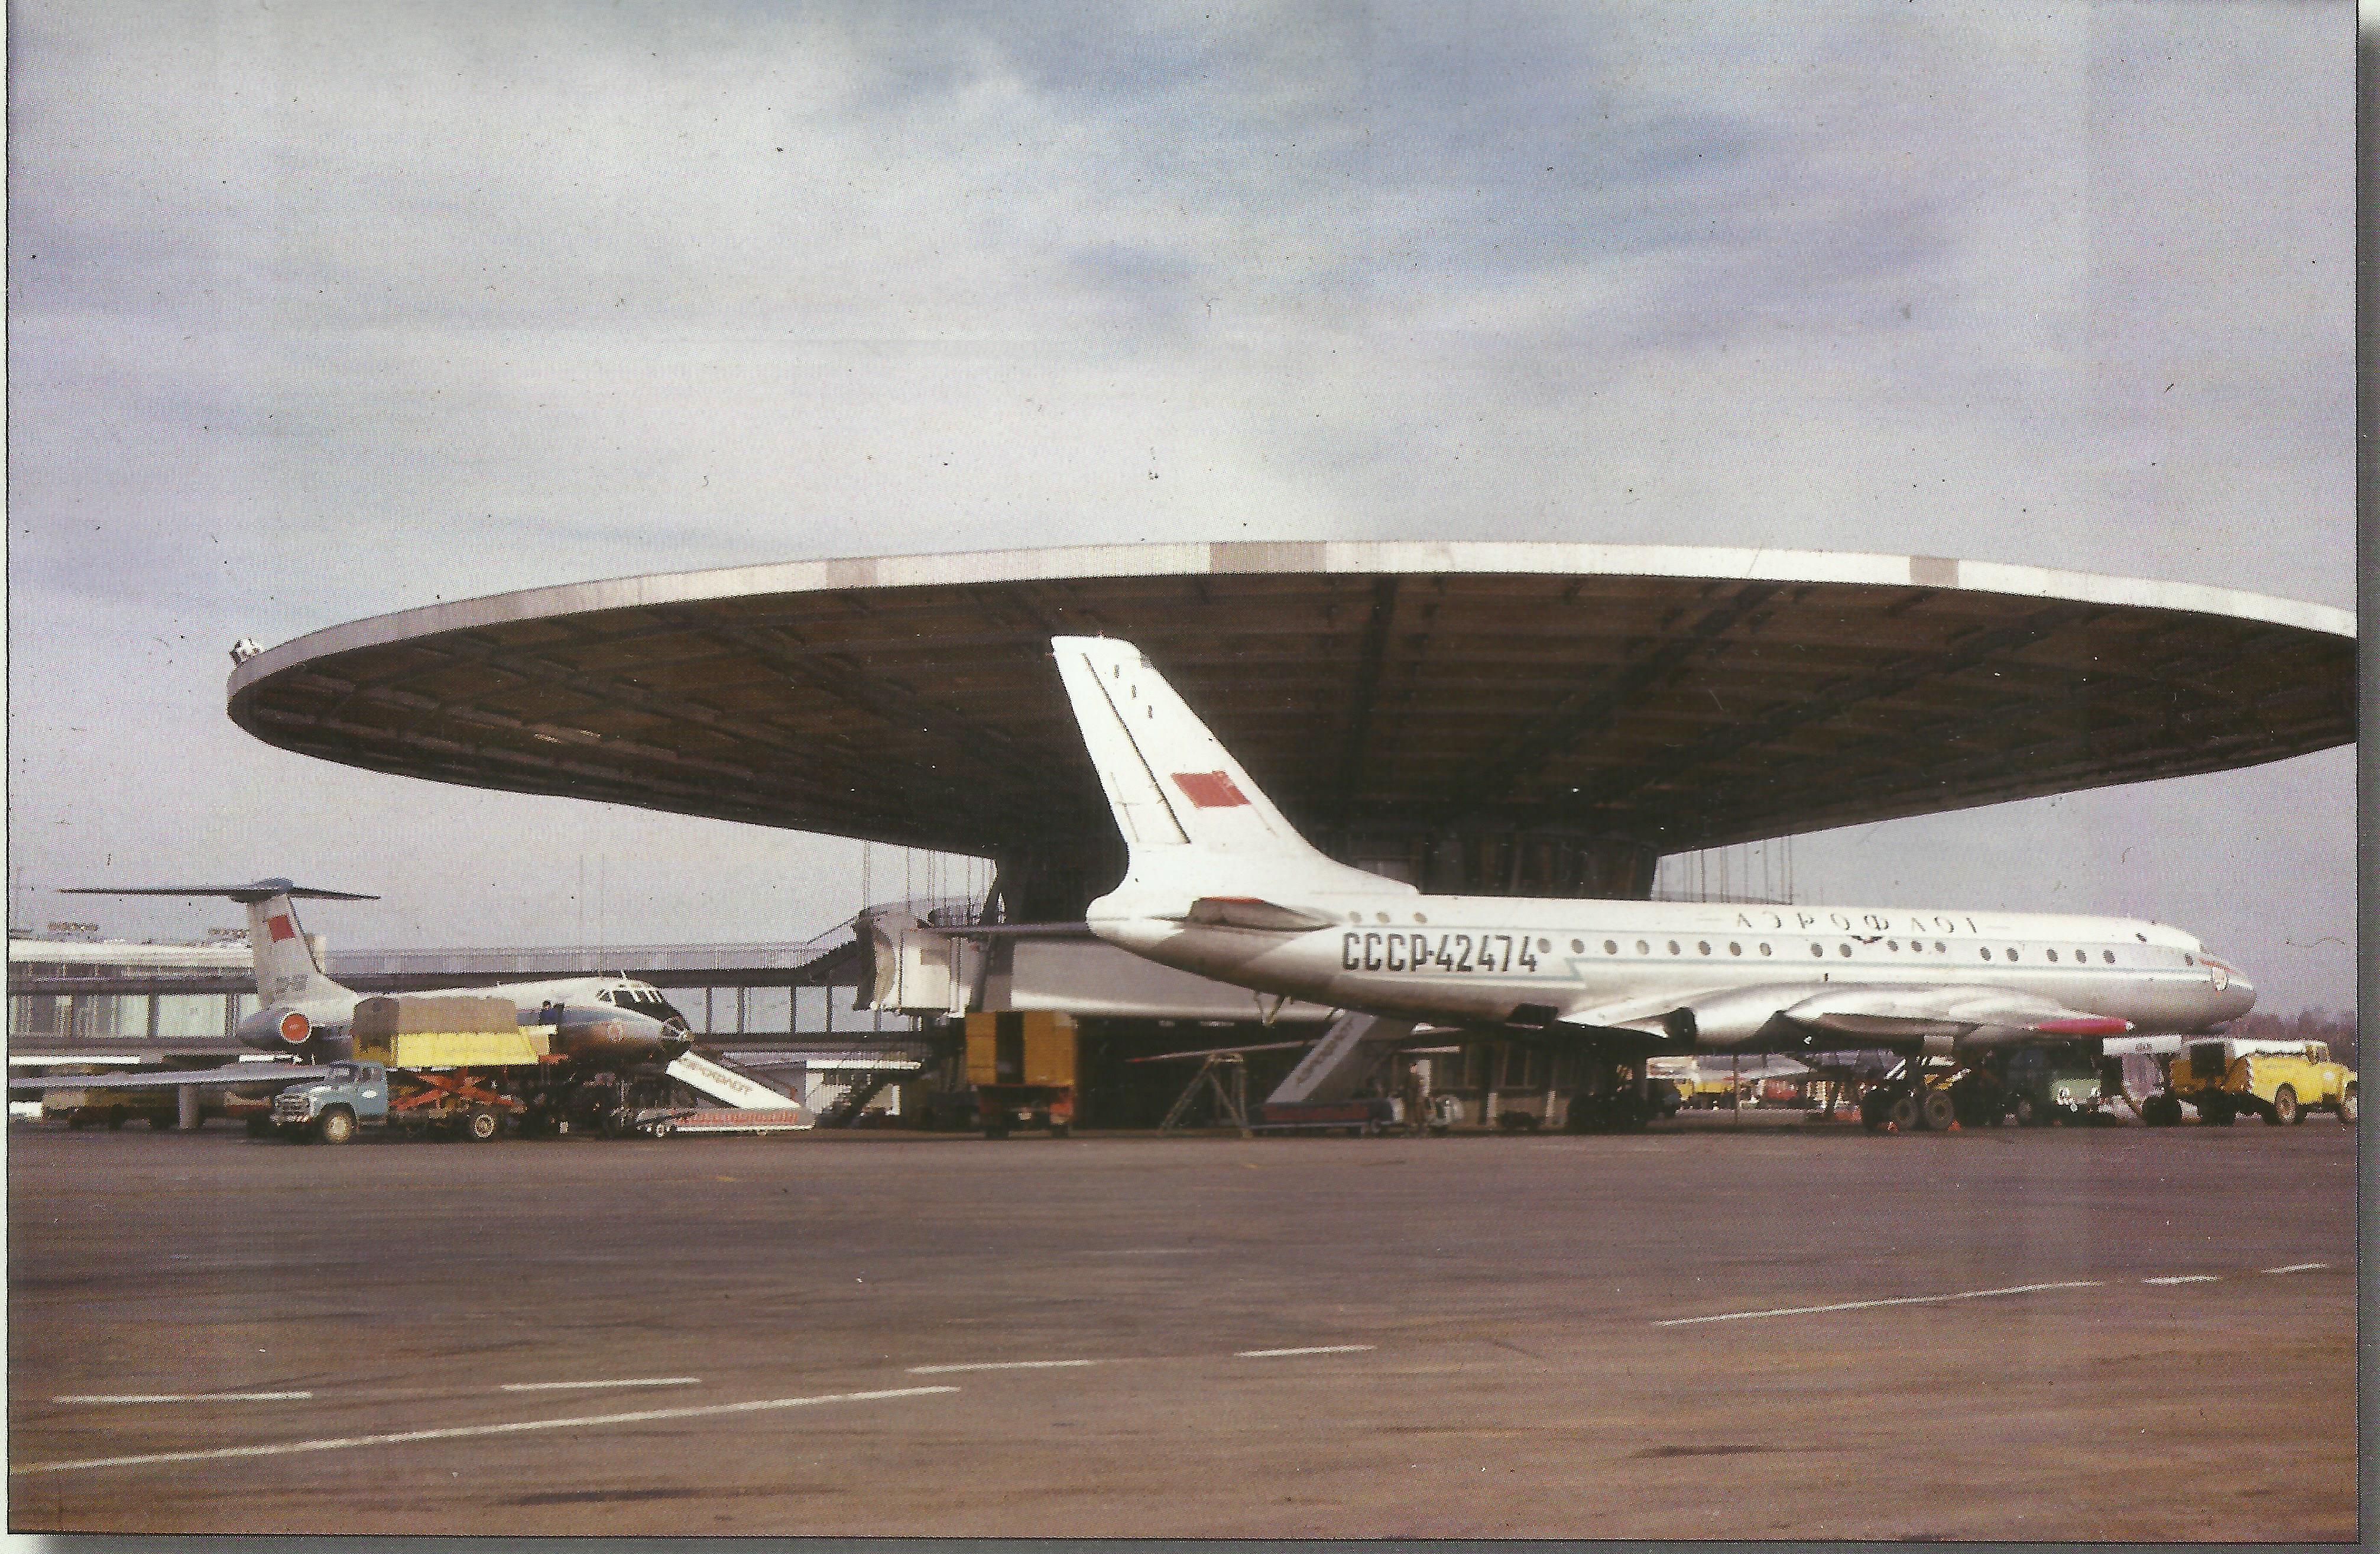 1973. Самолеты у пассажирского терминала аэропорта «Шереметьево»